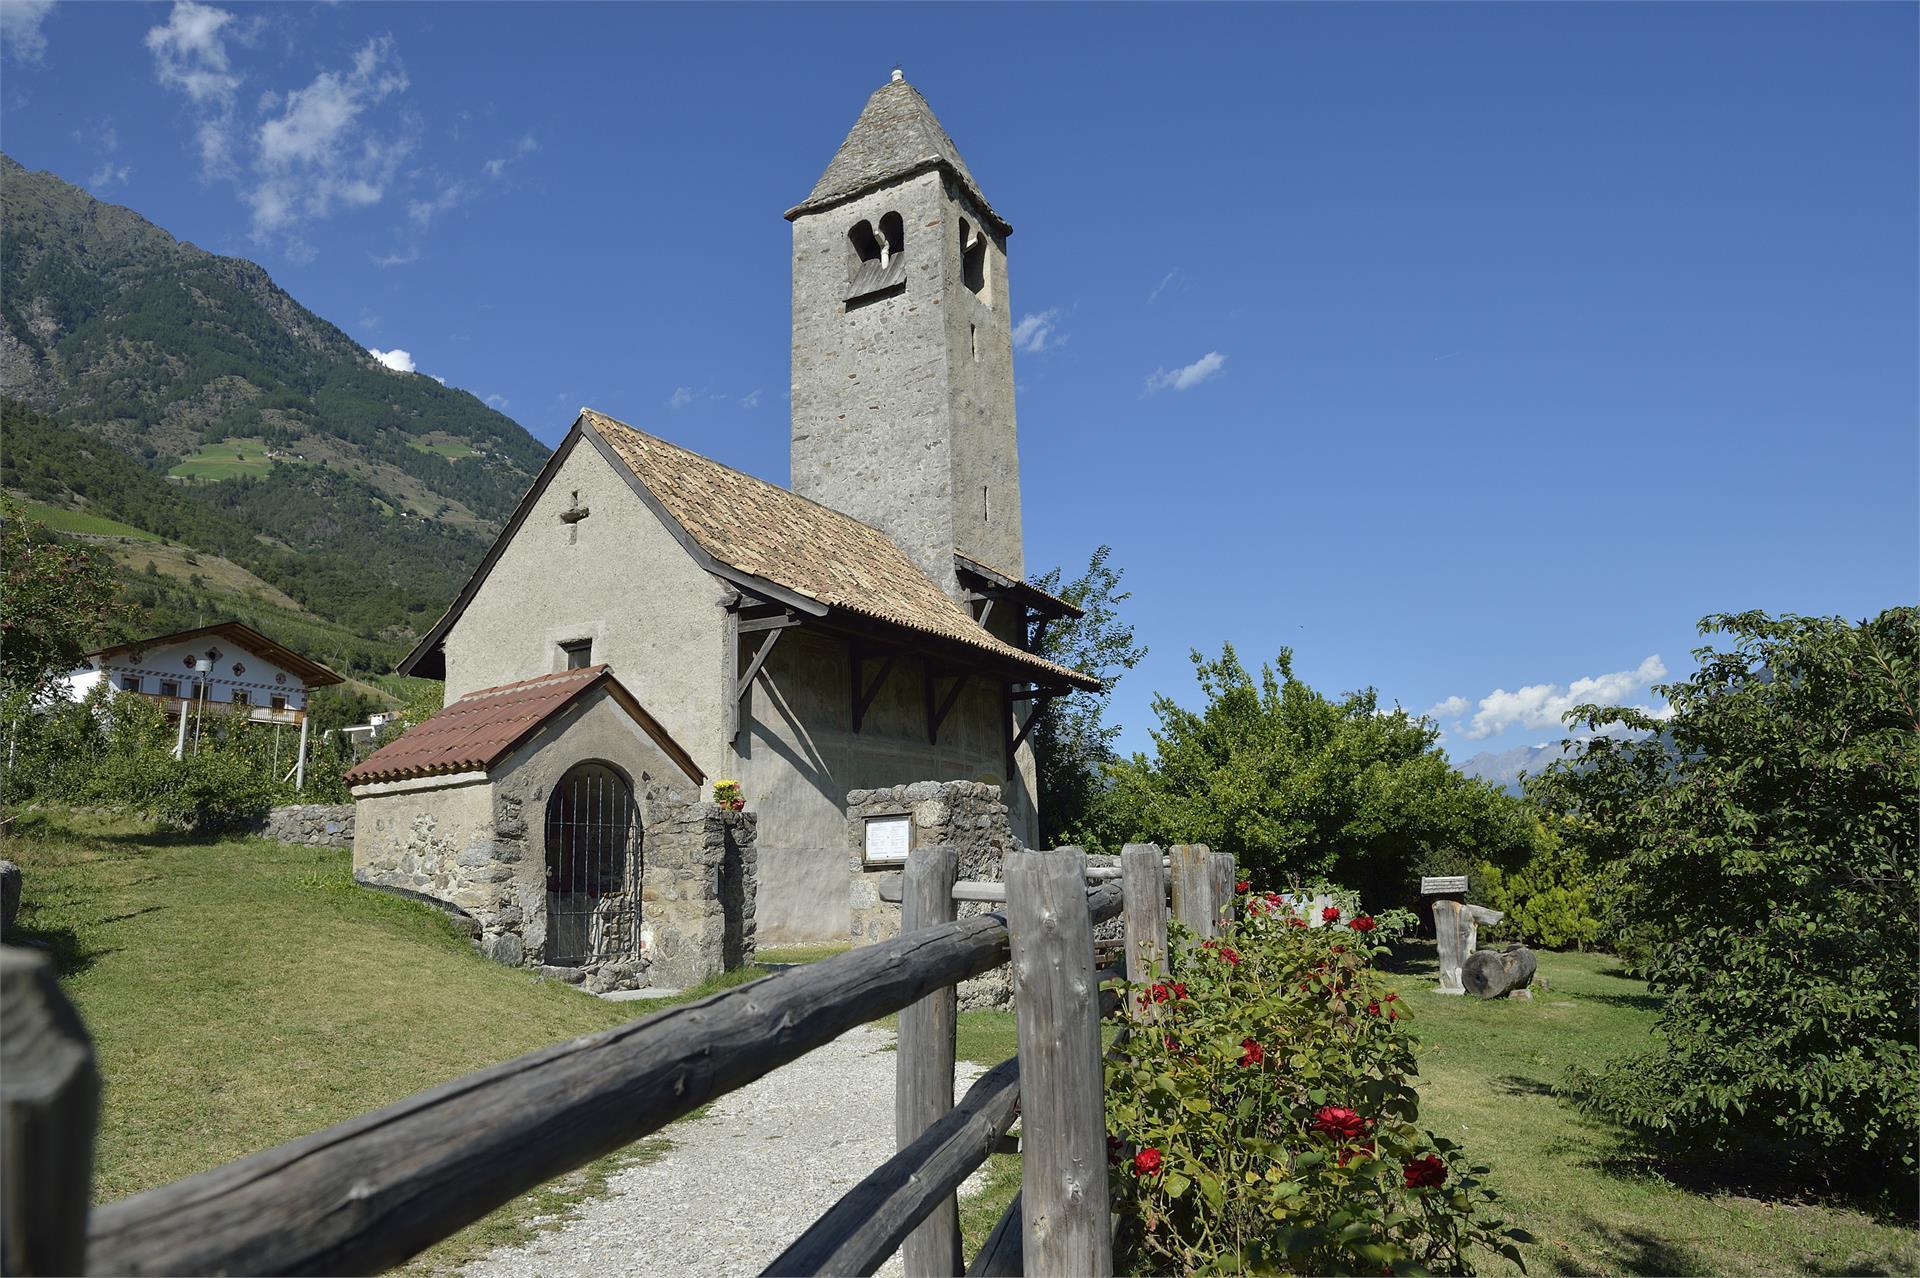 St. Prokulus Kirche- Kleinod mit vorkarolingischen Fresken